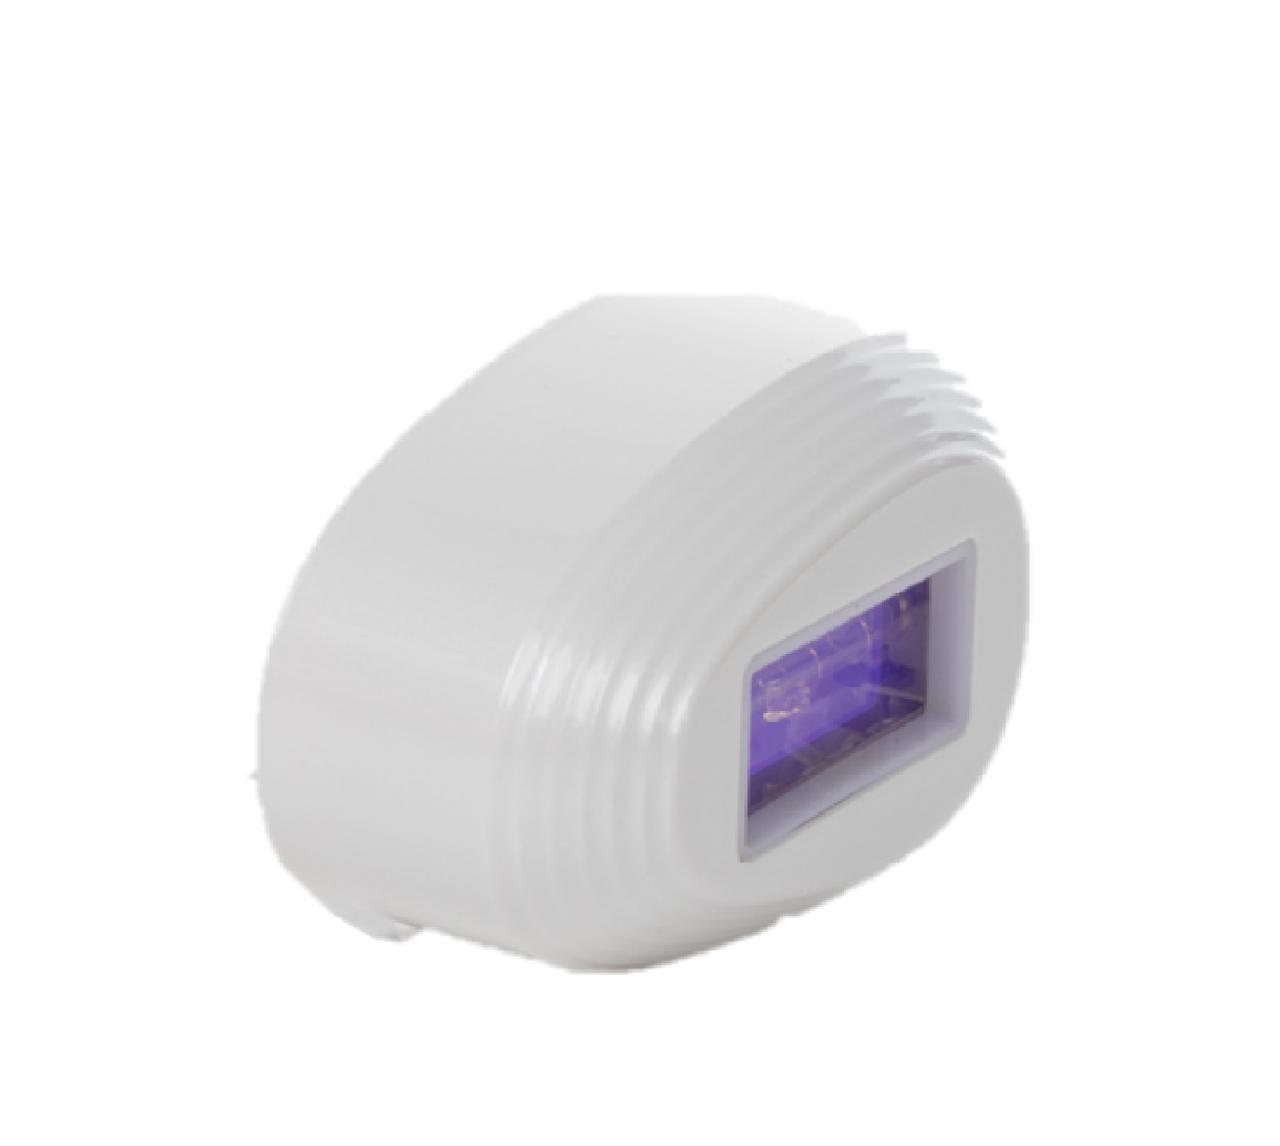 Szőrtelenítő lámpafej DermaGene Quartz 5in1 készülékhez